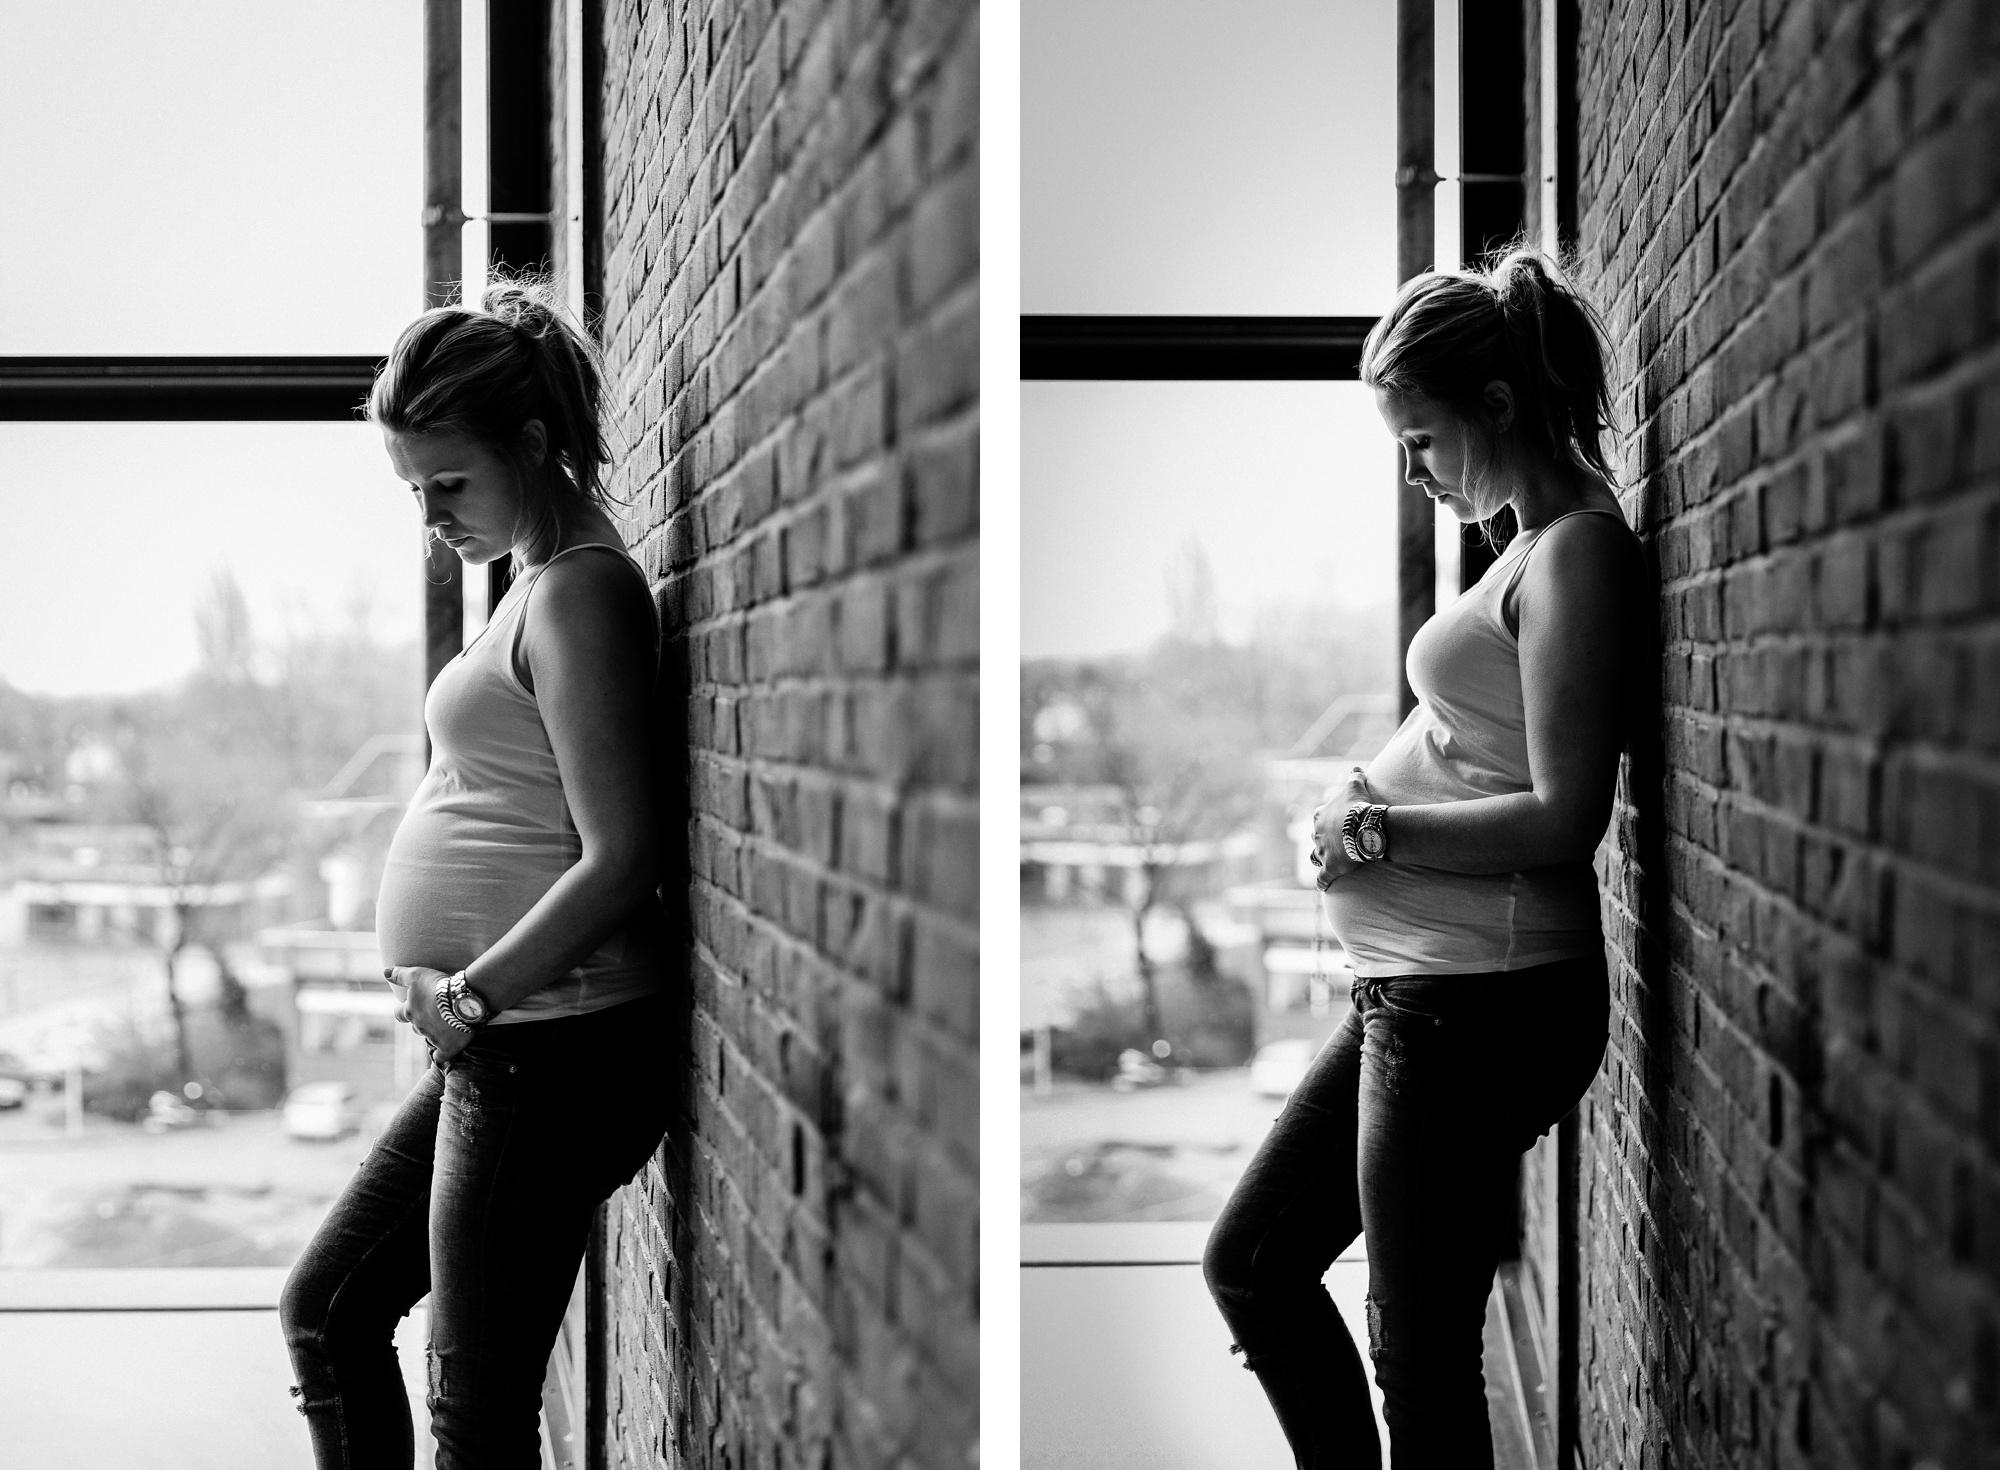 zwangerschaps-fotoshoot-dordrecht-1.jpg